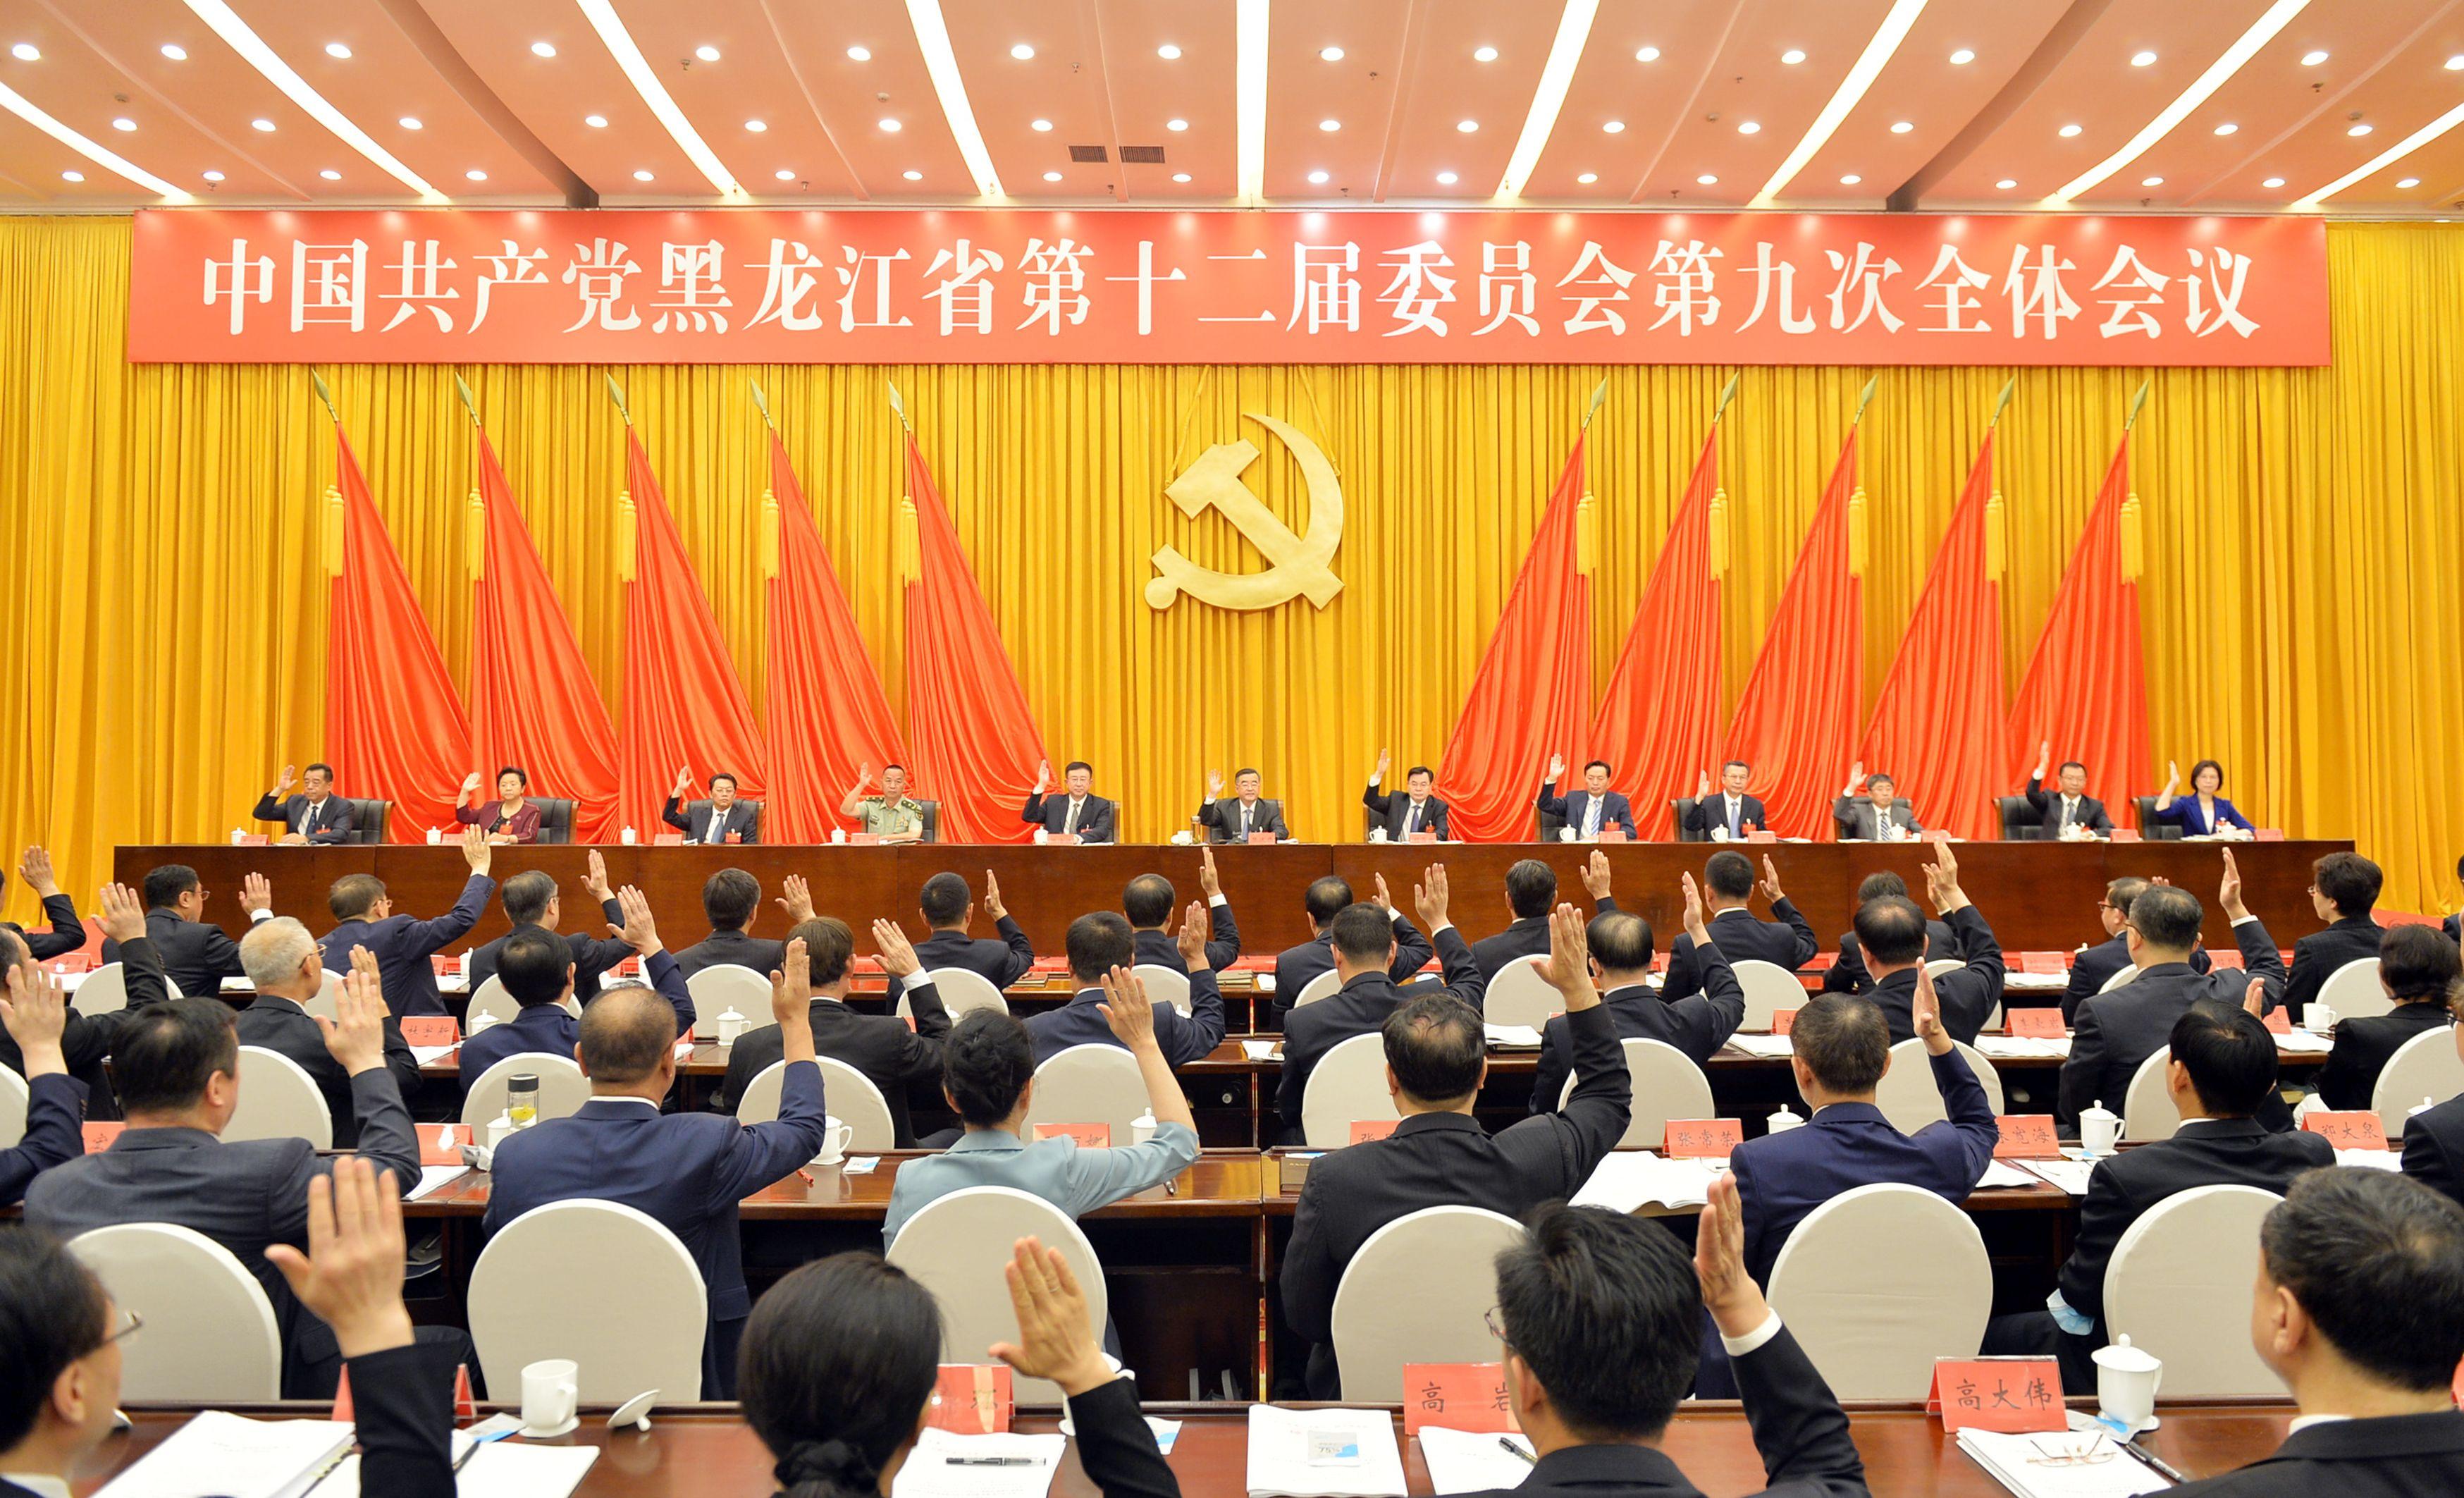 中共黑龙江省委十二届九次全会在哈尔滨举行 03.jpg